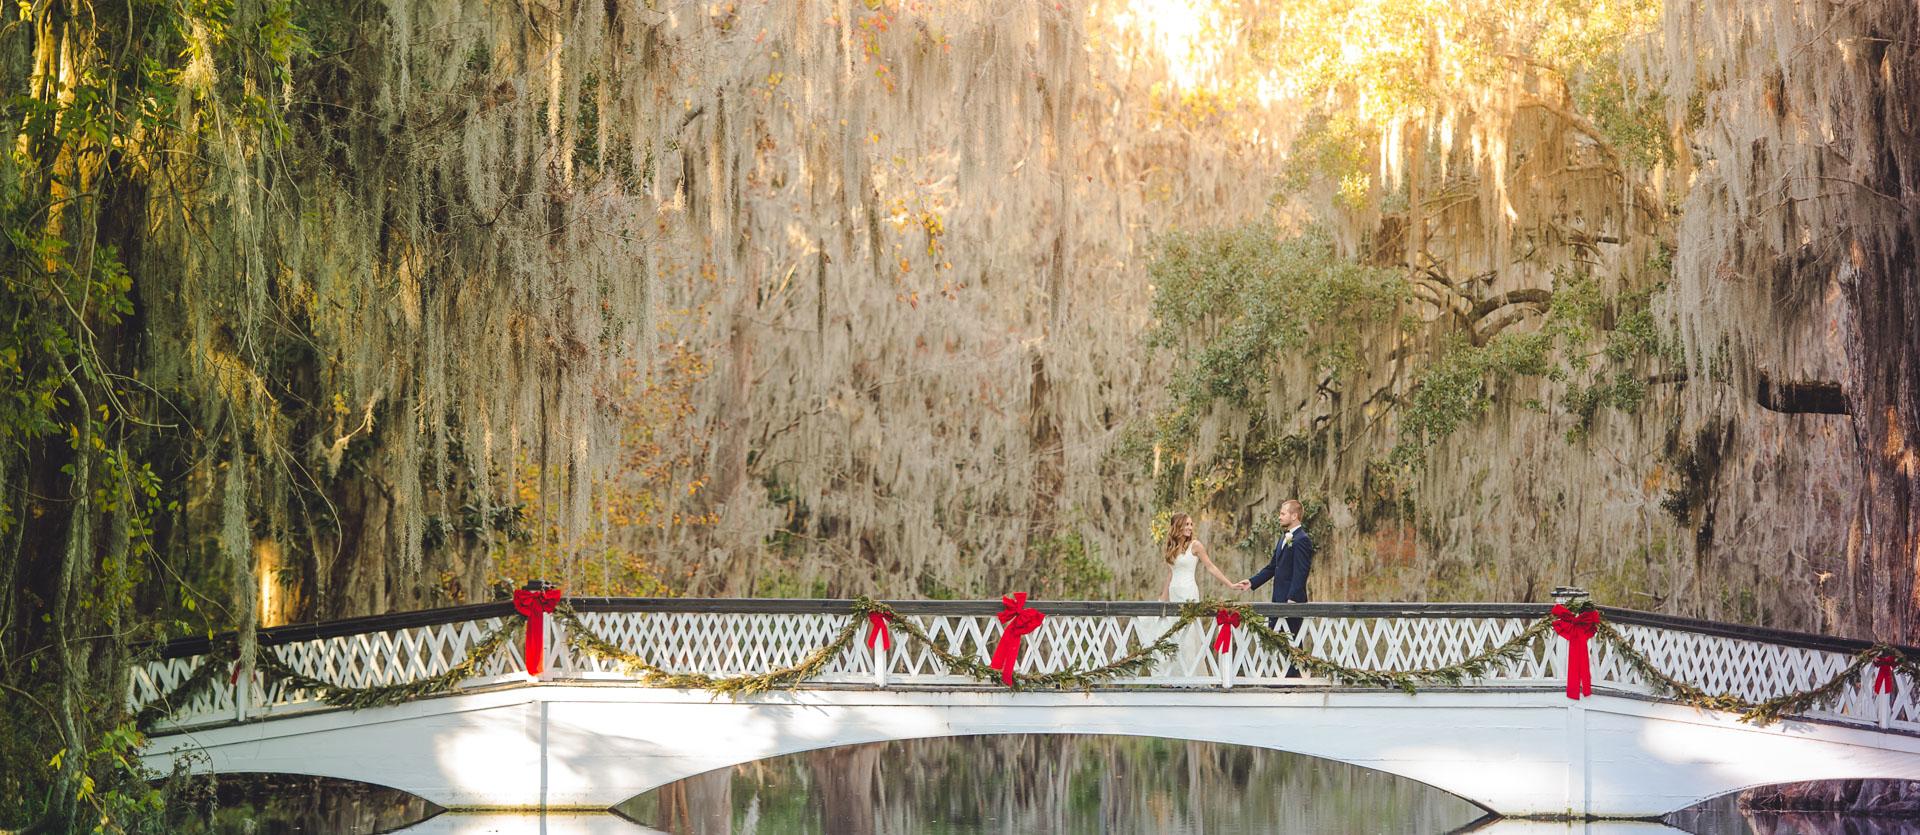 white-bridge